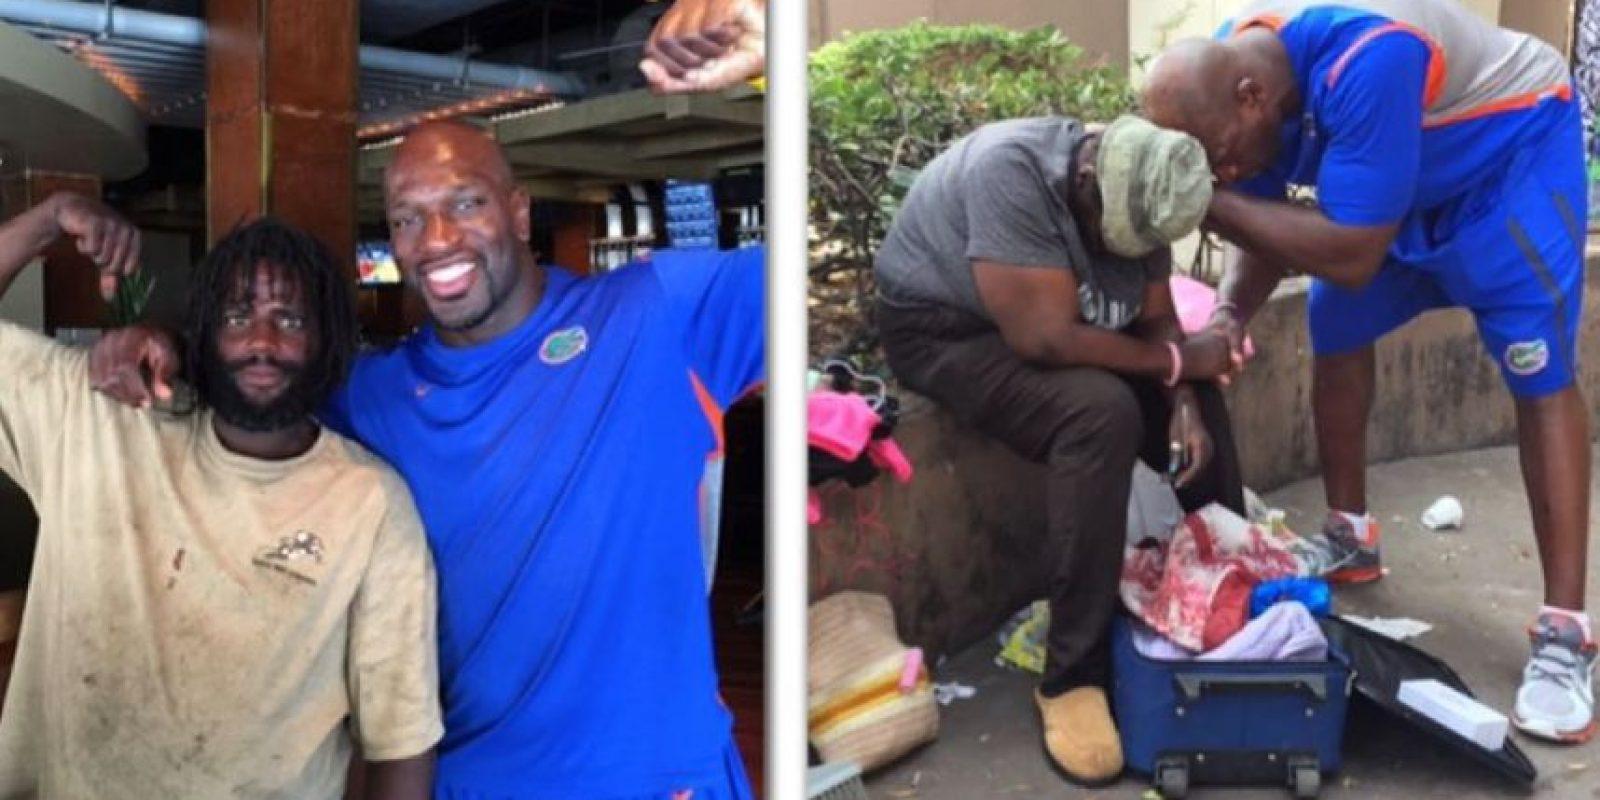 Titus O'Neil se quejó en las redes por el mal trato que recibió en un restaurante de San Diego Foto:instagram.com/titusoneilwwe